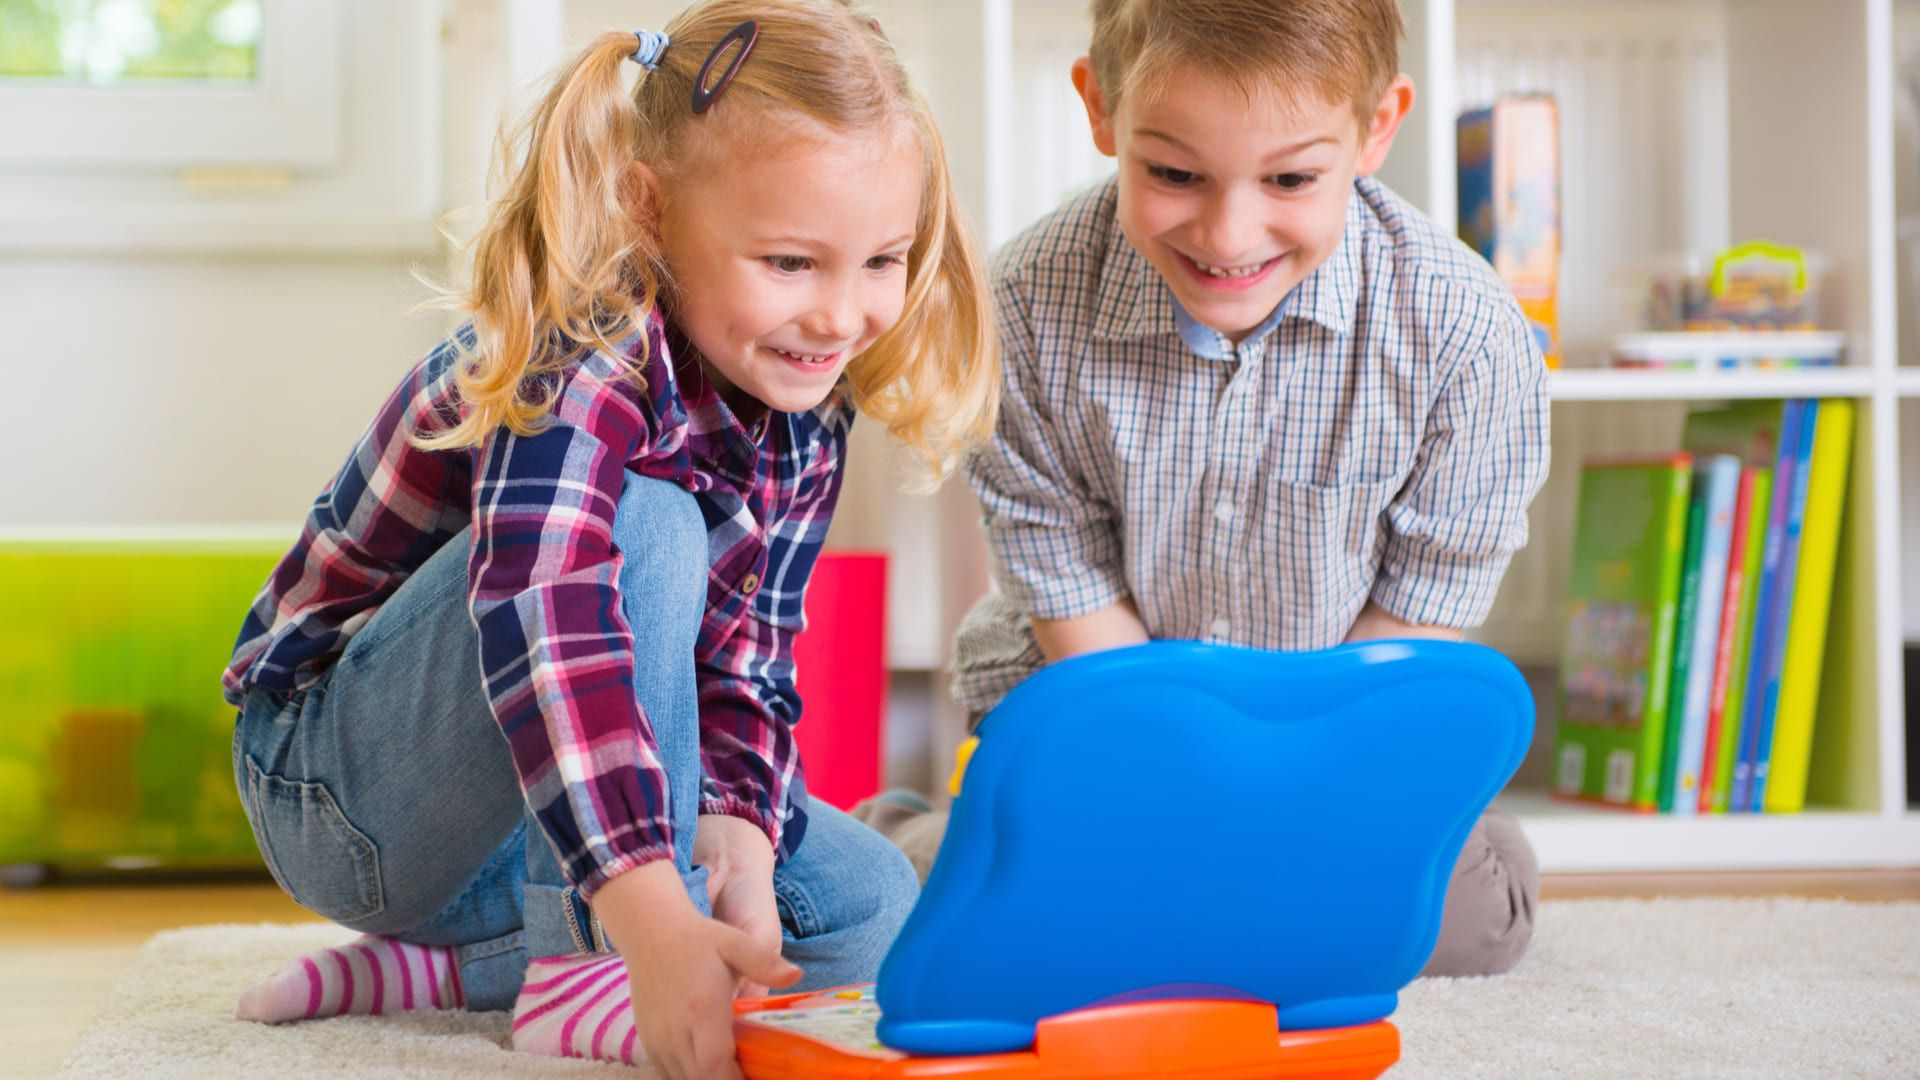 Notebook infantil chama atenção da criança e pode ser educativo, além de divertido (Fonte: Shutterstock)